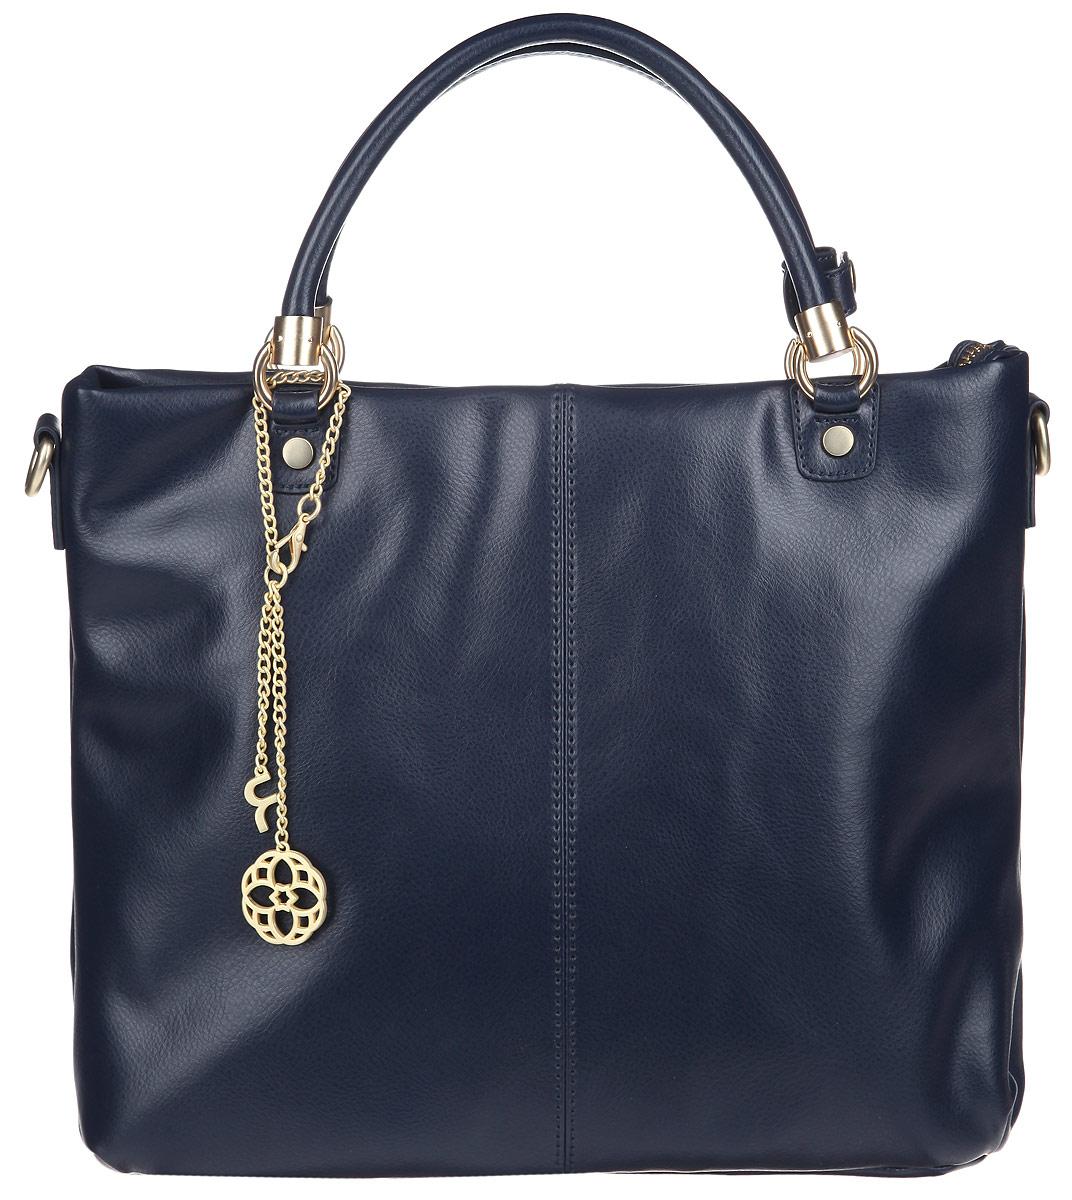 Сумка женская Fiorita, цвет: темно-синий. 0824F0824F d.blueСтильная женская сумка Fiorita выполнена из натуральной кожи. Изделие имеет одно основное отделение, которое закрывается на застежку-молнию. Внутри находятся два прорезных кармашка на застежках-молниях и два накладных открытых кармашка. Снаружи, на задней стенке расположен прорезной карман на застежке-молнии. Изделие оснащено двумя удобными ручками. В комплект входит съемный плечевой ремень, который регулируется по длине. Сумка украшена стильным фирменным брелоком. Изделие упаковано в фирменный чехол. Такая сумка дополнит ваш образ и сделает его завершенным.